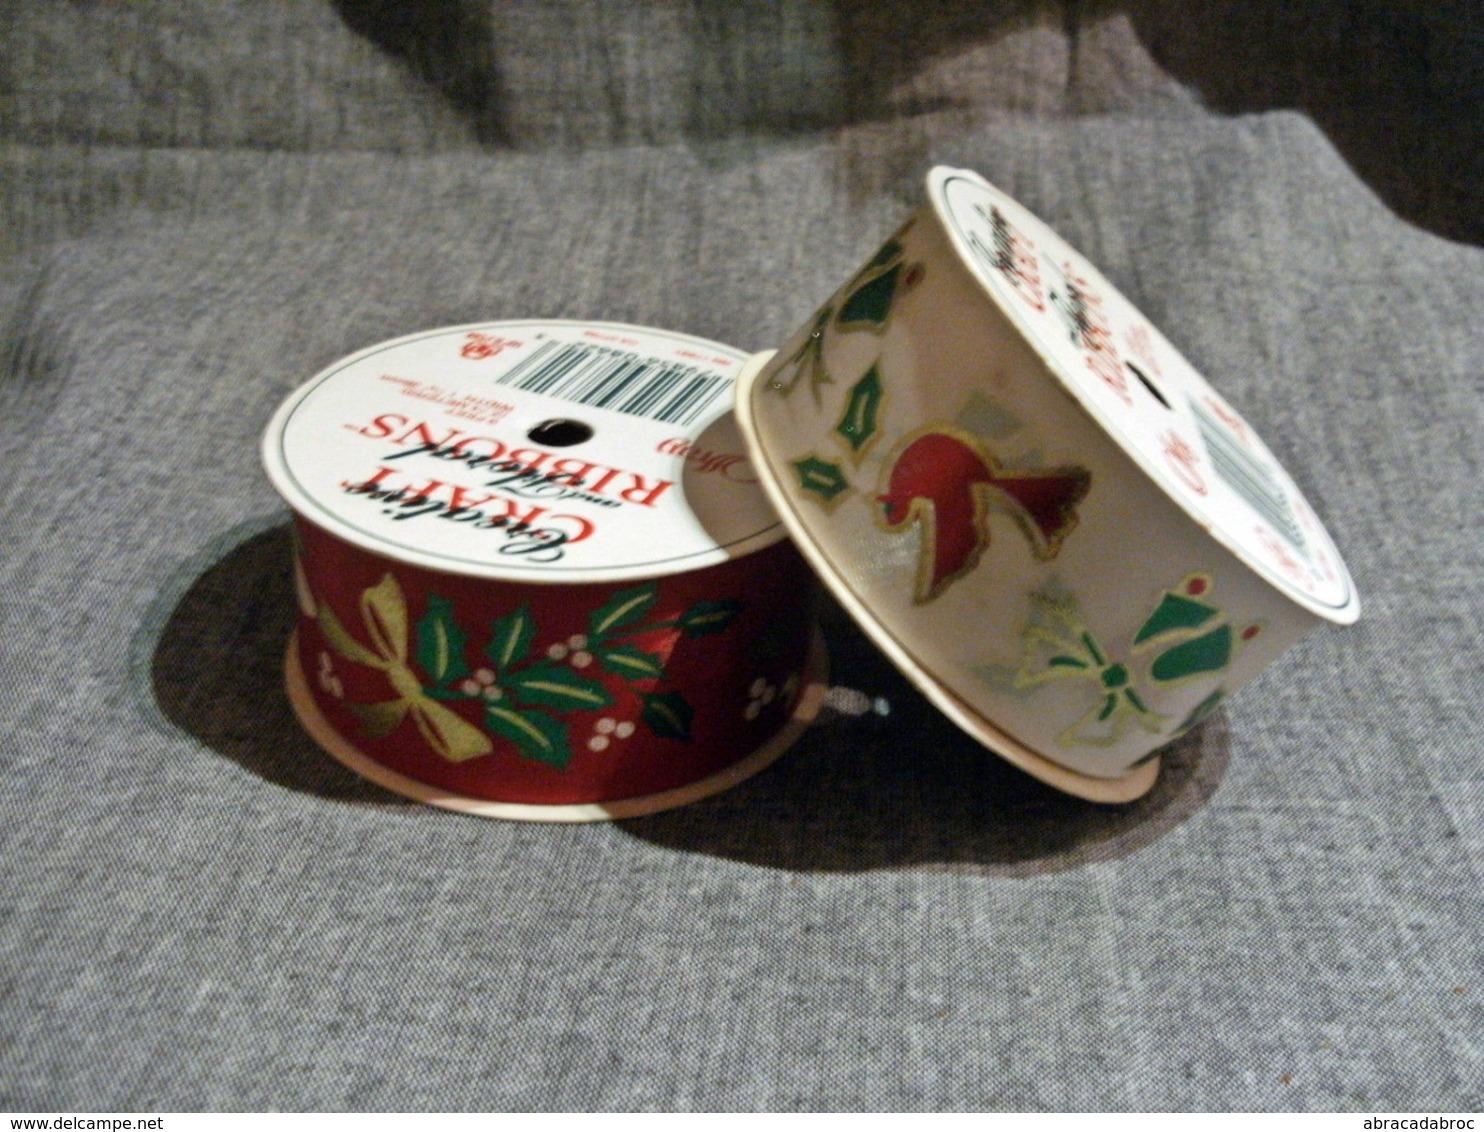 2 Rouleaux Ruban Tissus Imprimés Noel / Neufs Sans Emballages - Kerstversiering